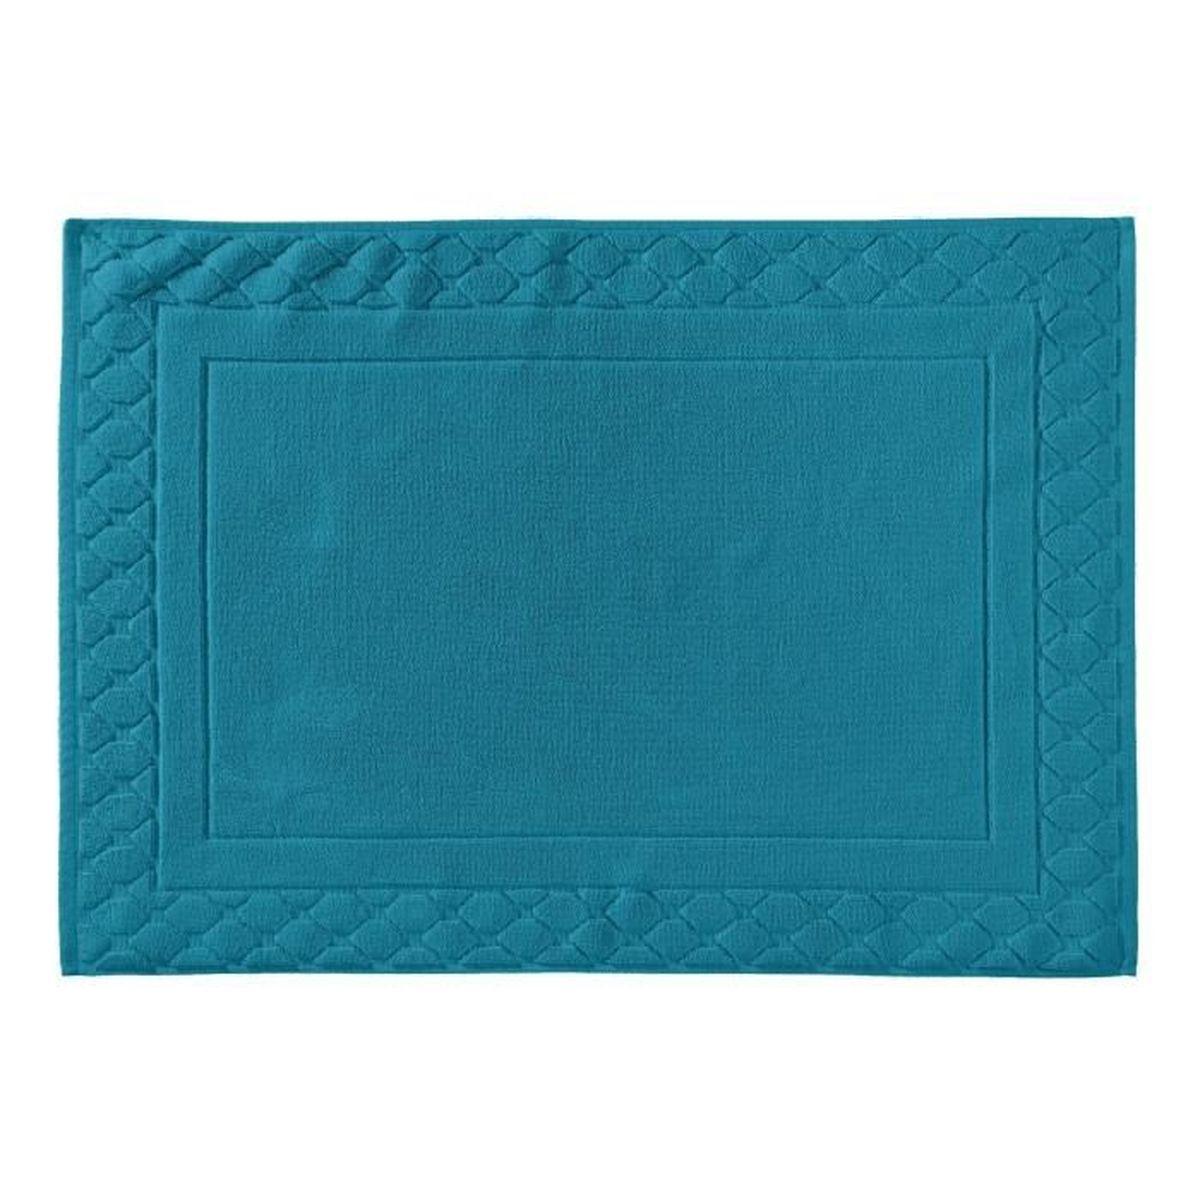 Tapis de bain la mousseuse 60 x 80 jade achat vente tapis de bain cdiscount Tapis de bain mousse memoire